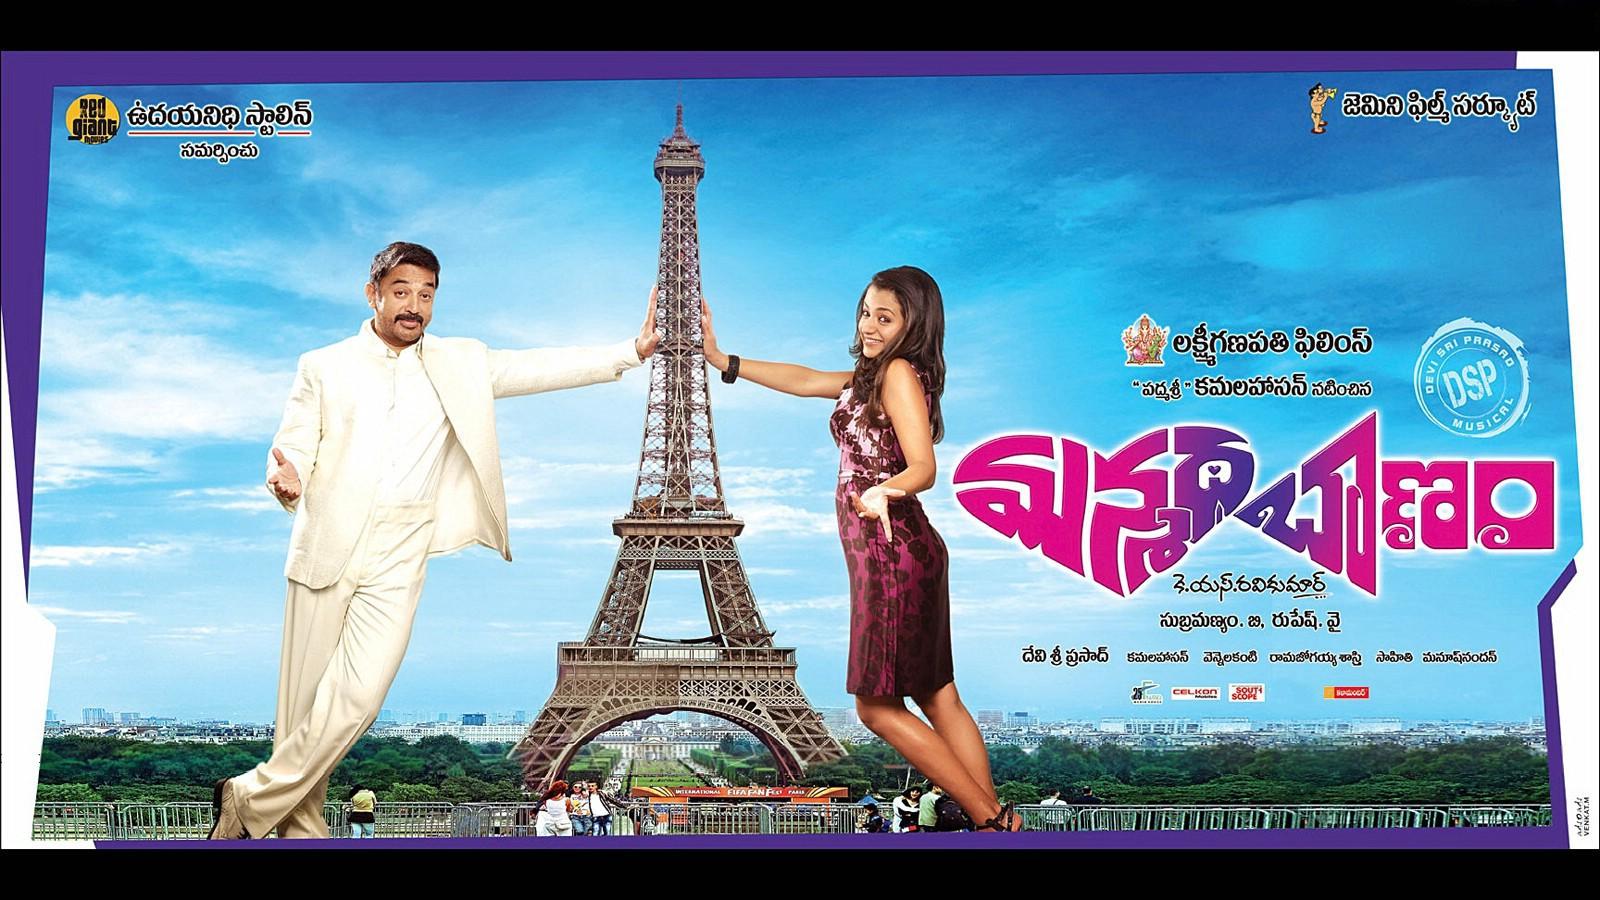 Download Vaanam 2010 Tamil movie mp3 songs